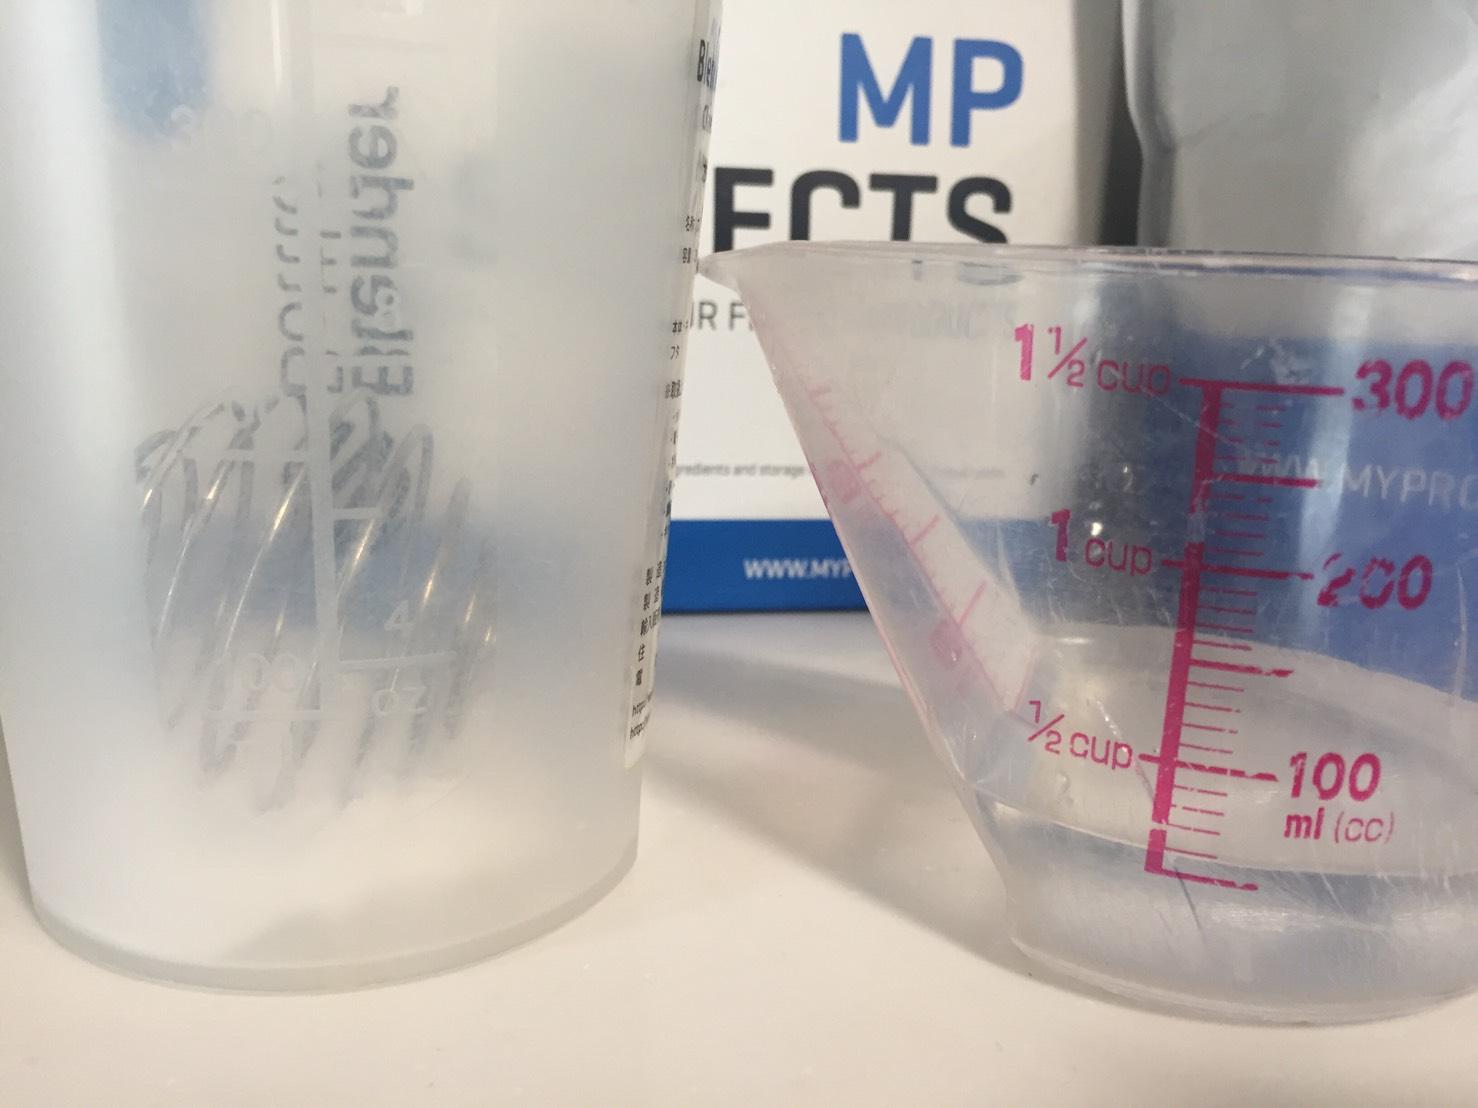 マルトデキストリン5gを50mlの水に溶かしてレビュー